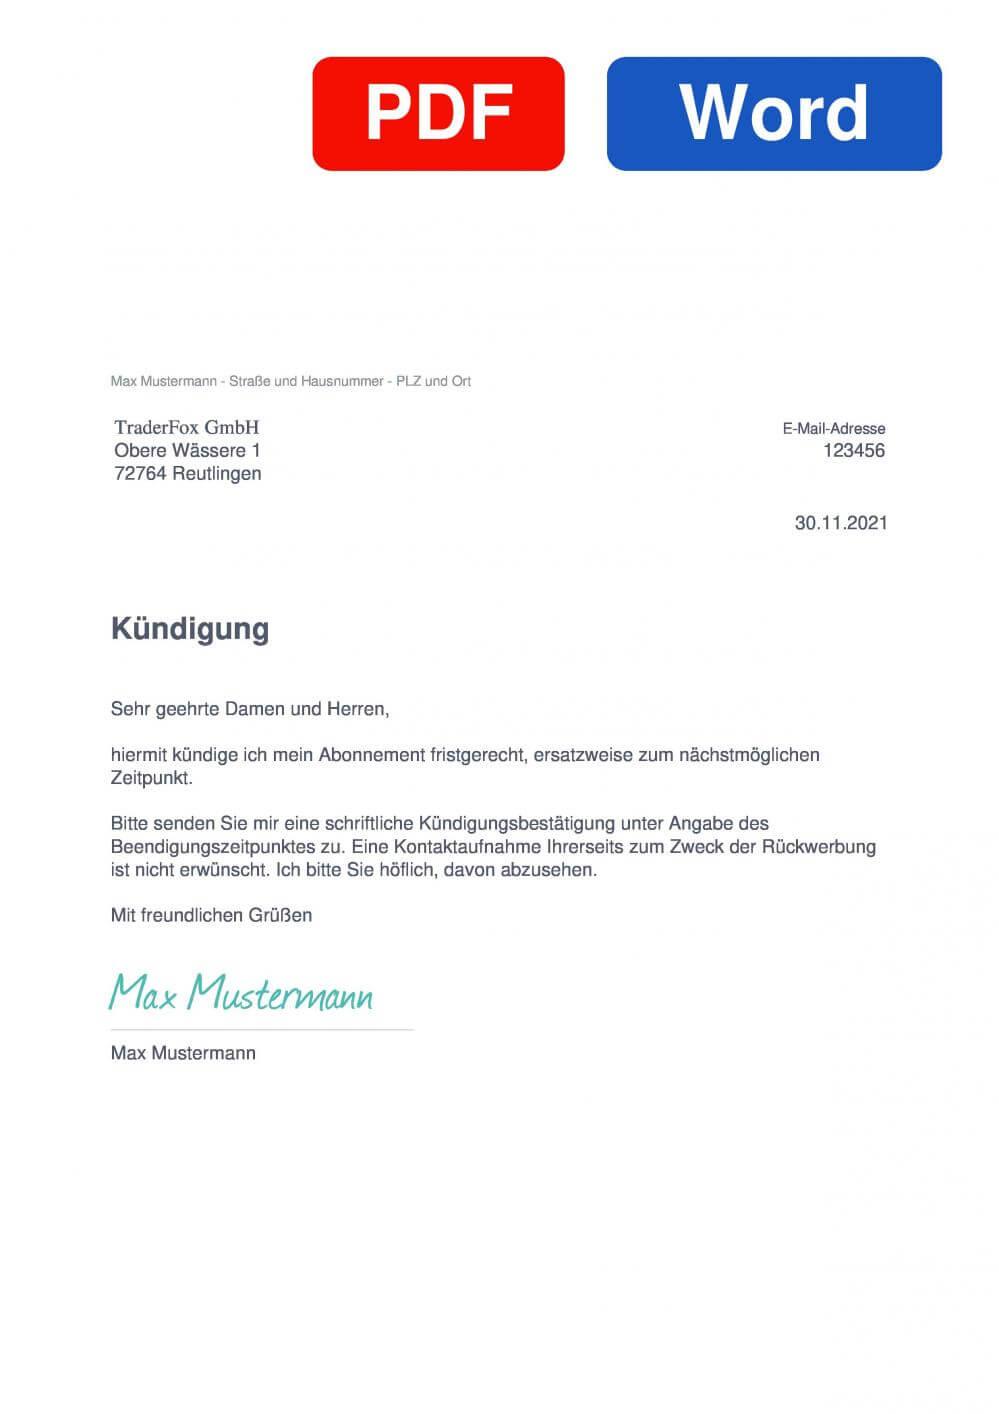 TraderFox Muster Vorlage für Kündigungsschreiben